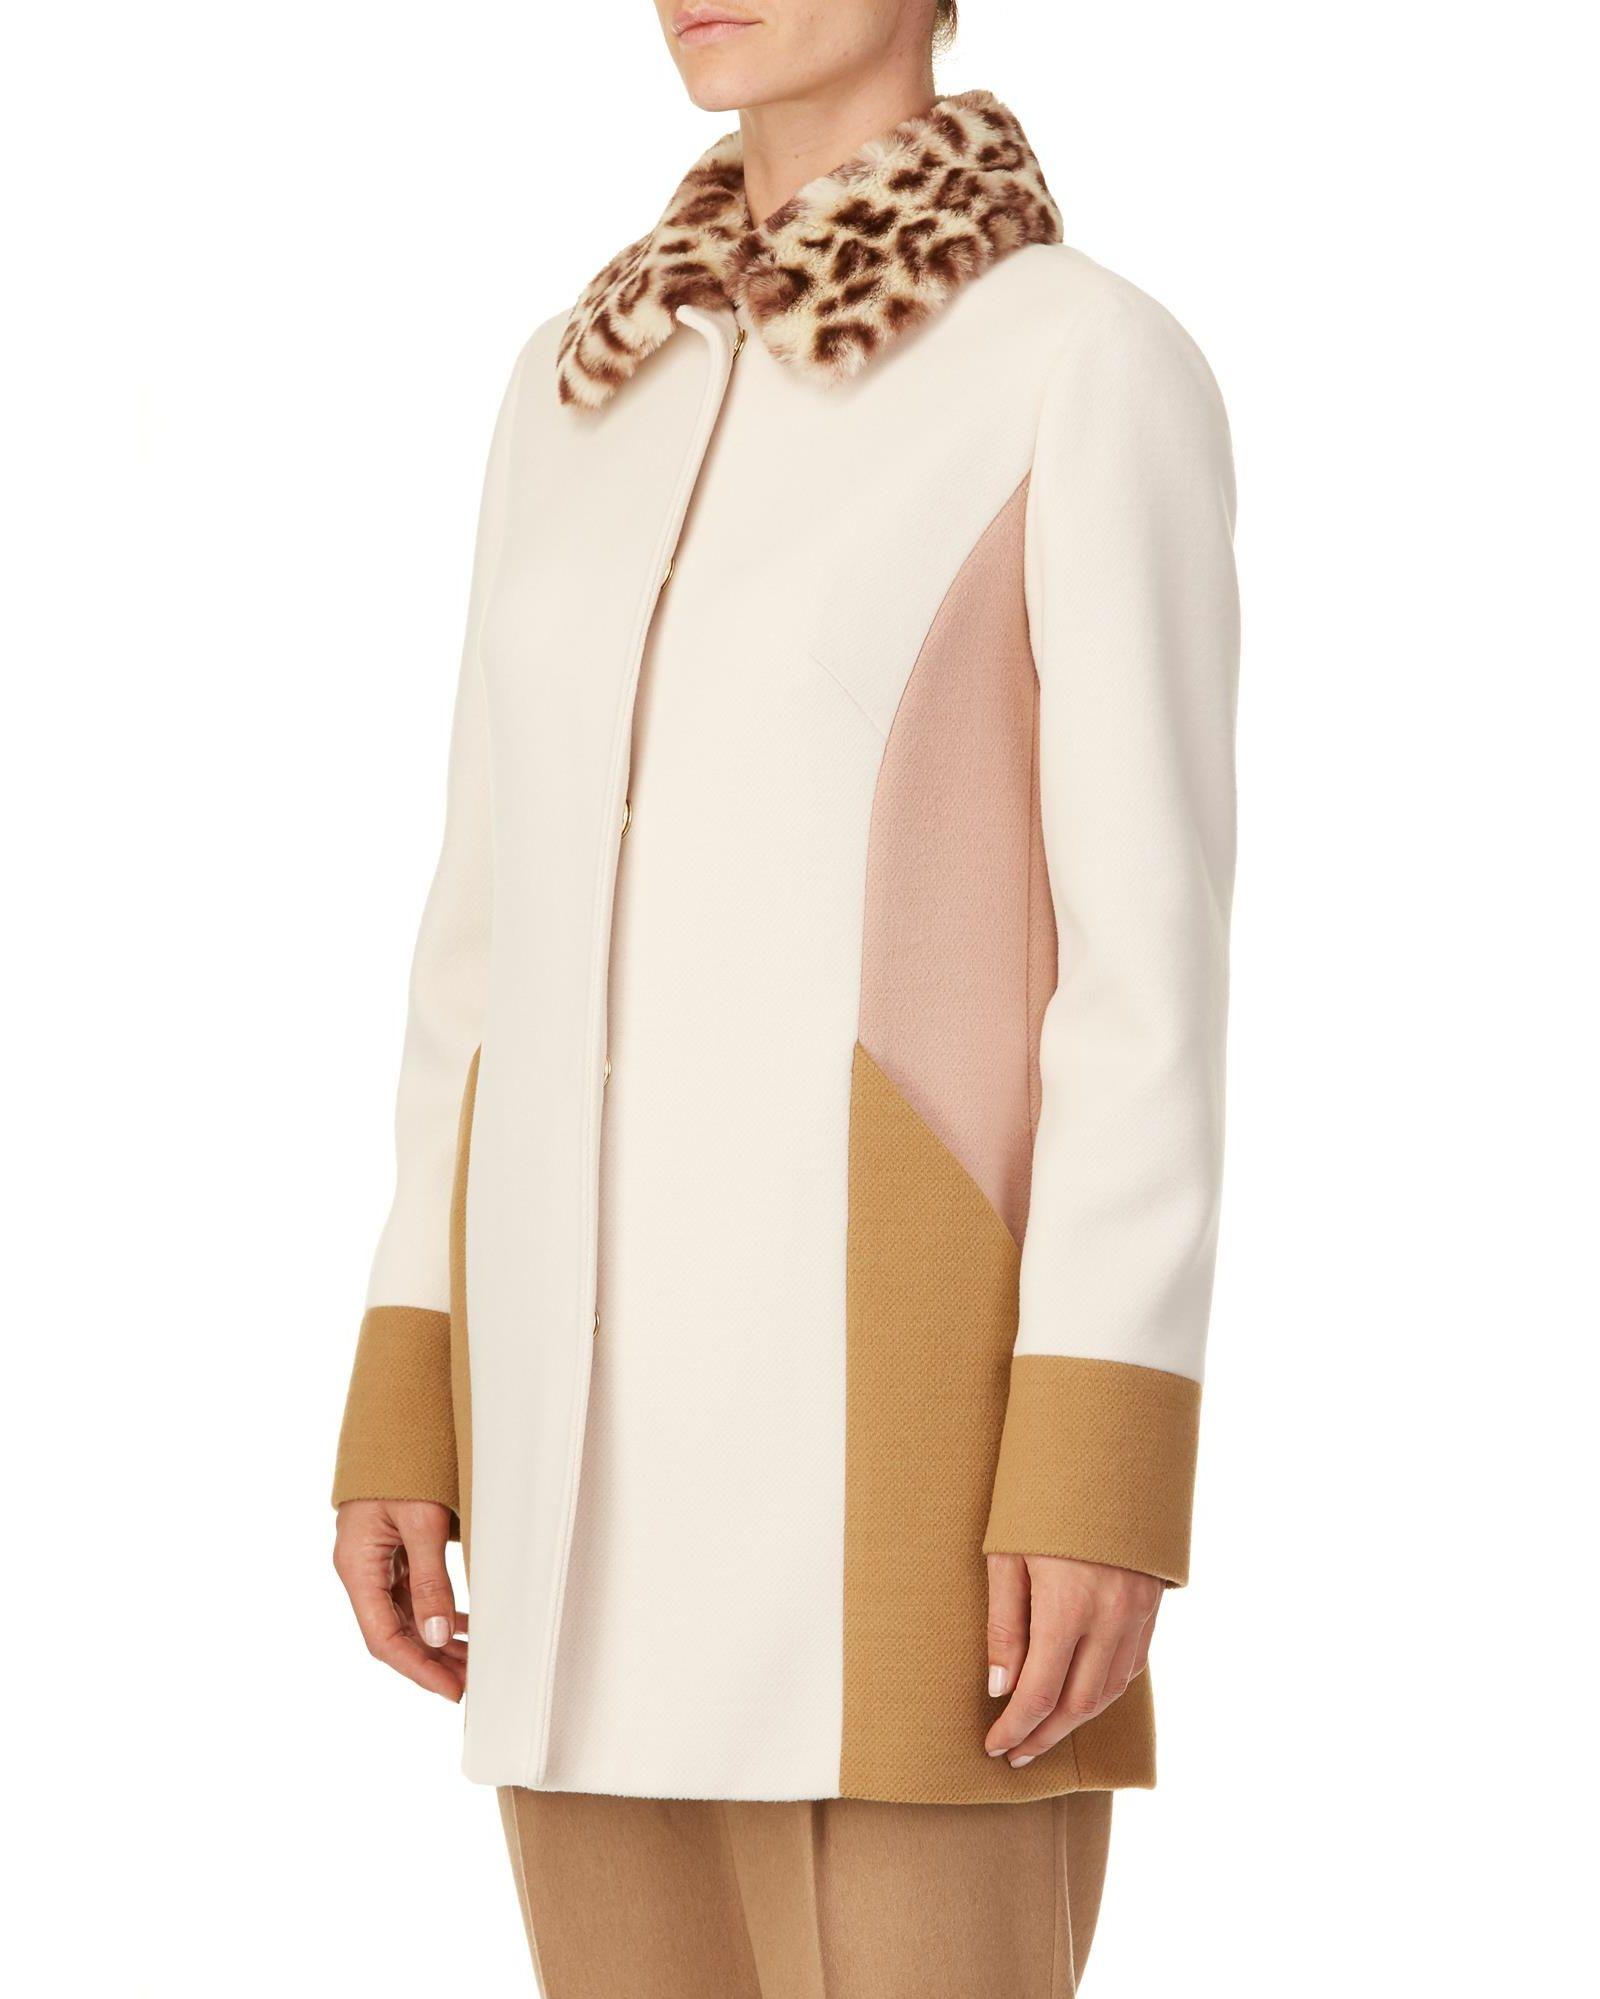 TRUSSARDI Faux Fur Collar Coat in Multicolour